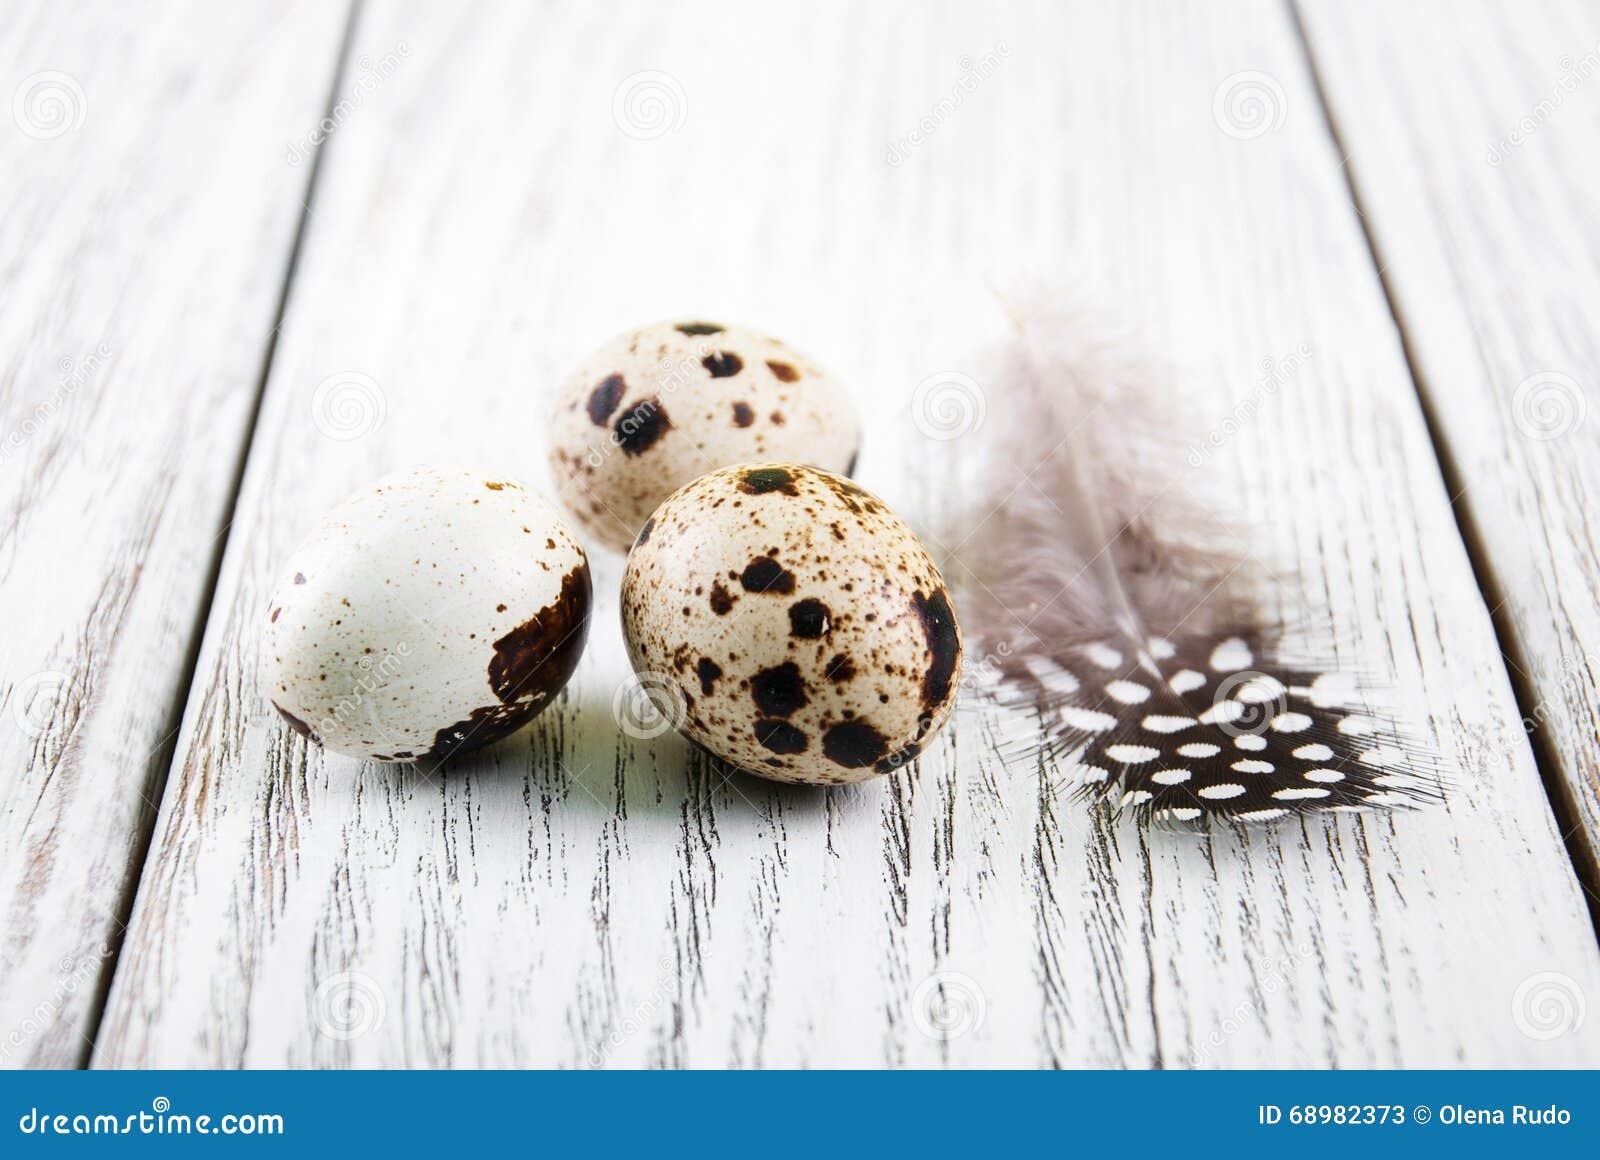 Huevos de codornices con la pluma